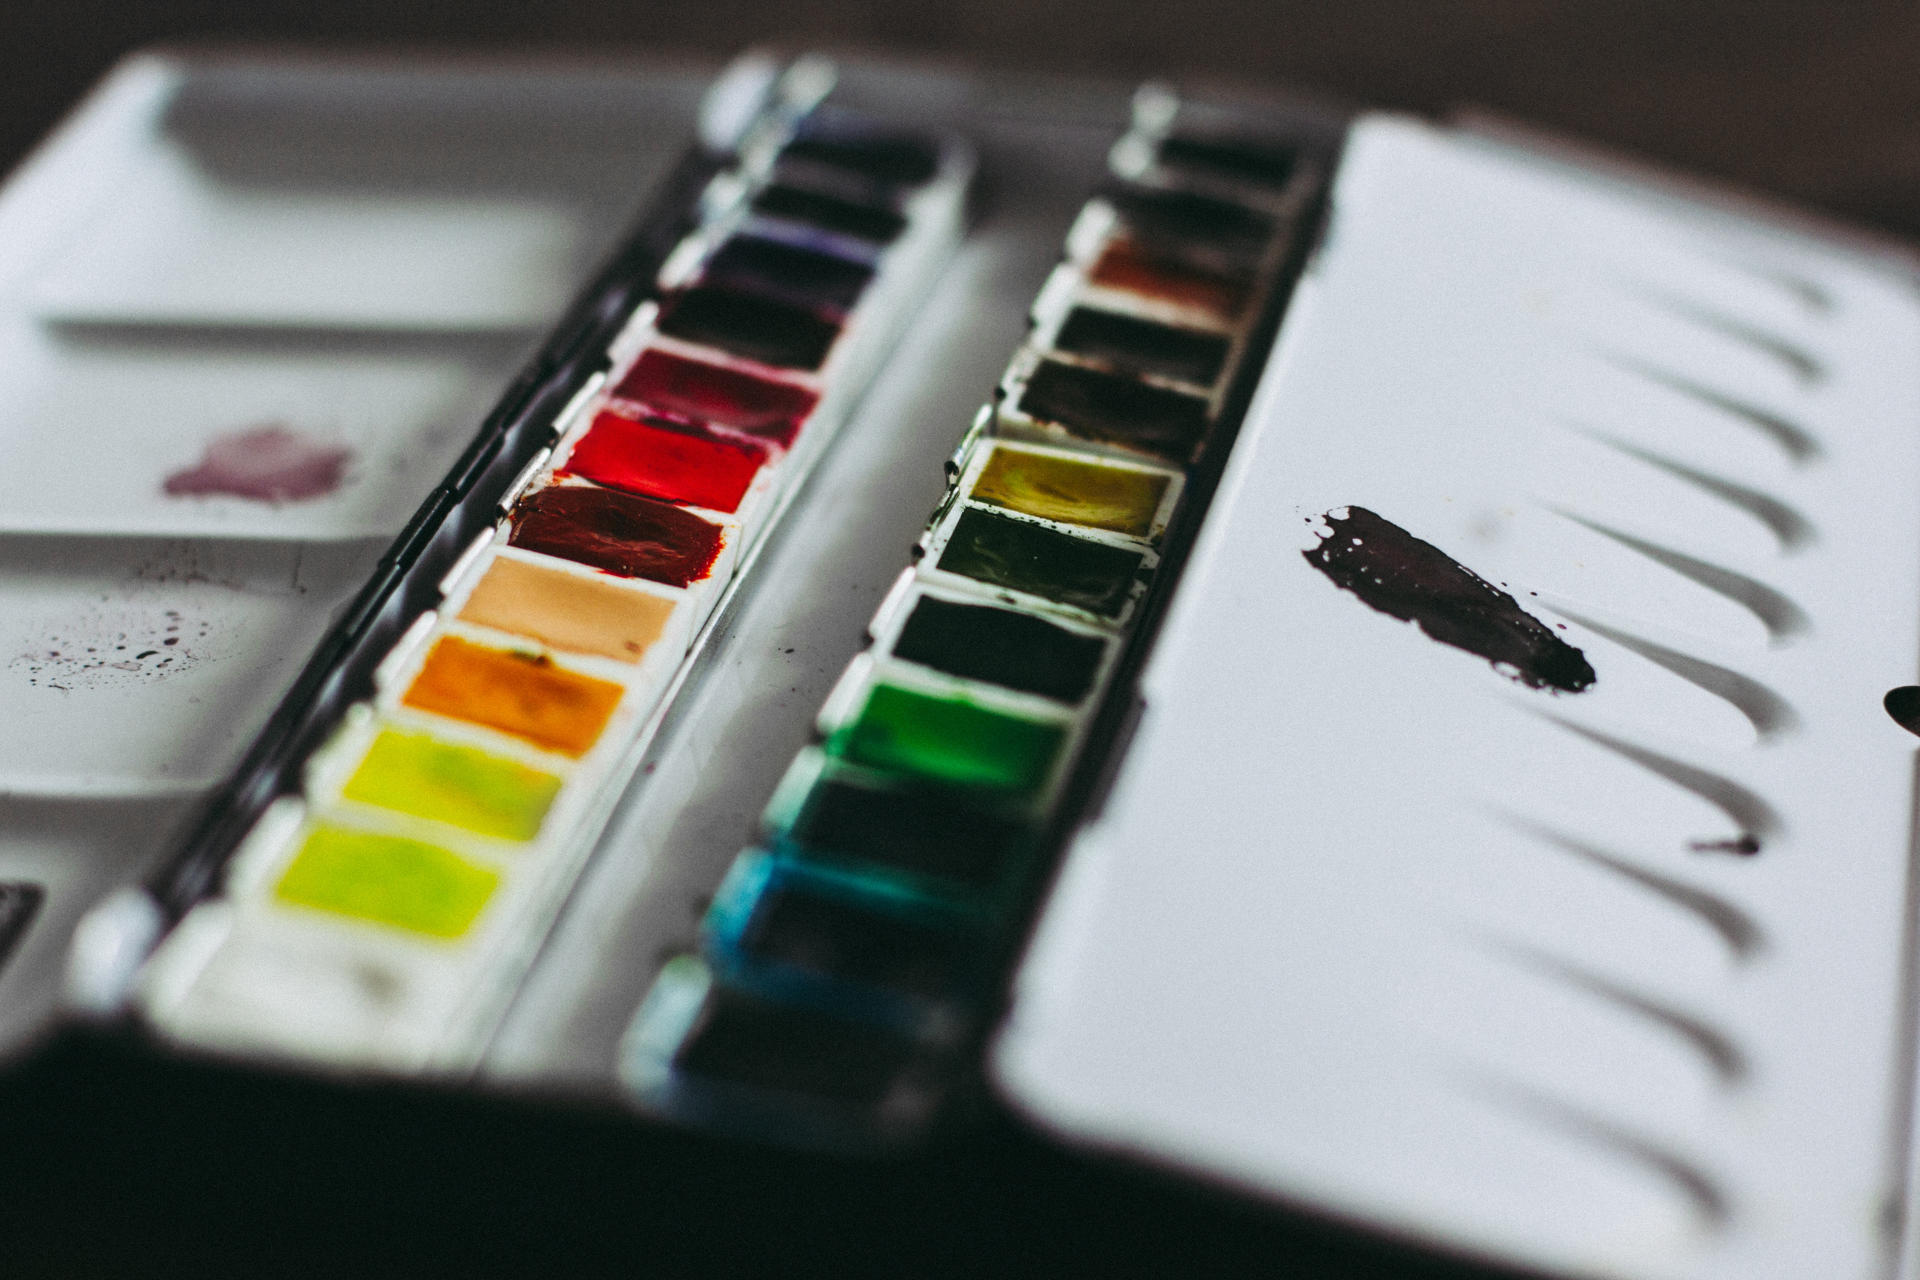 An artist's palette